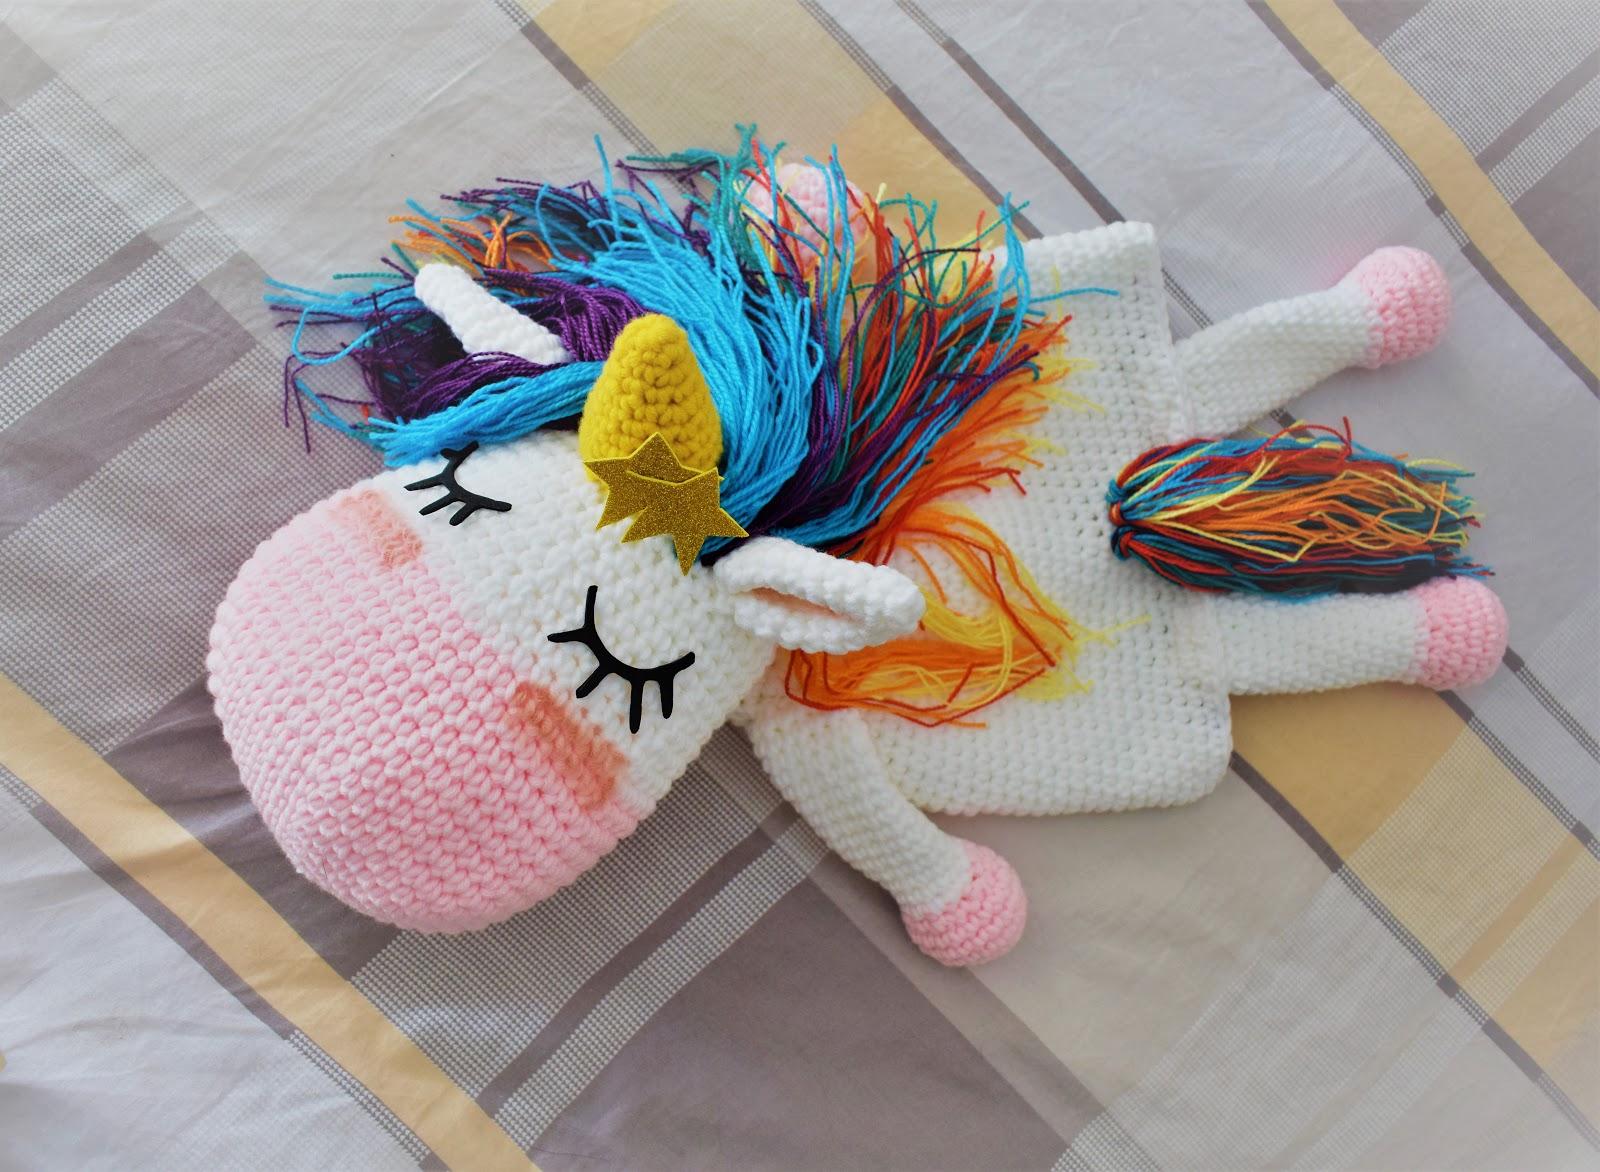 Unicornio & Swing | Tığ işleri, Lol, Oyuncak | 1172x1600